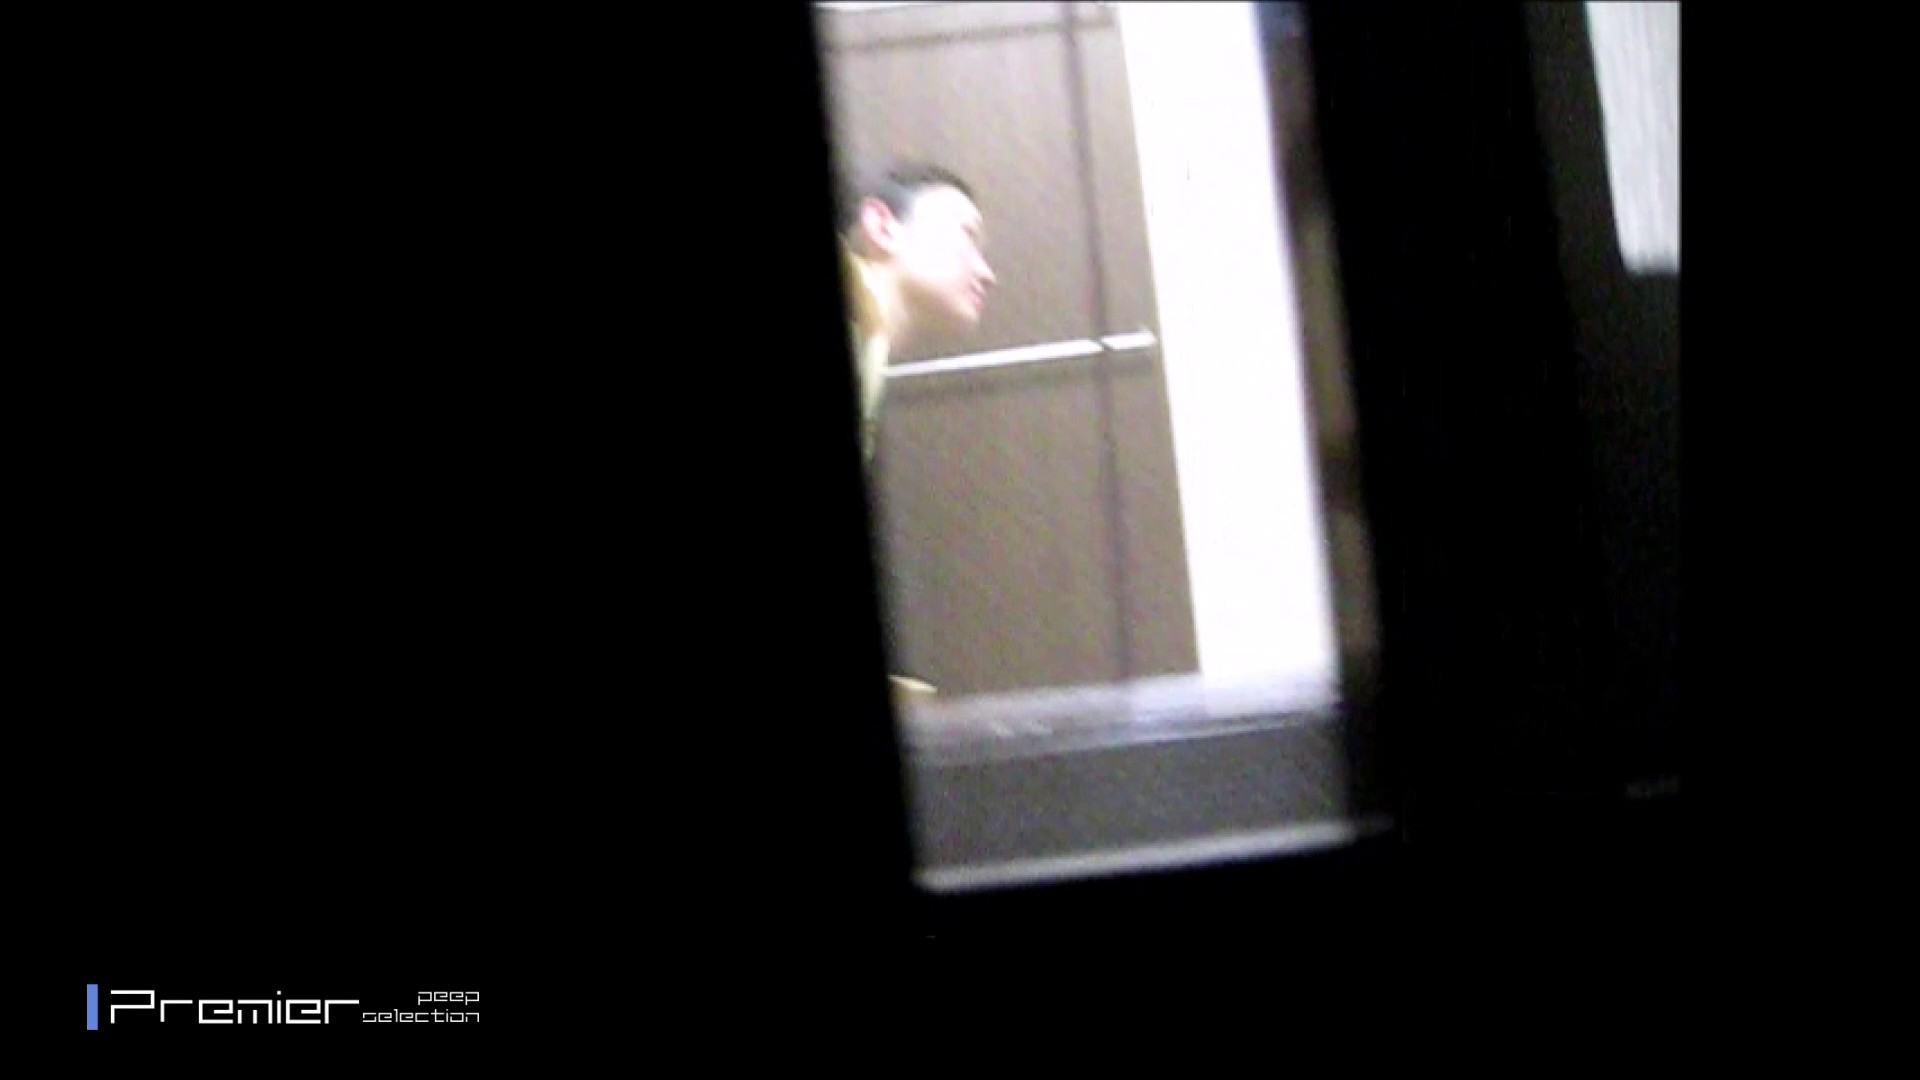 スレンダー美女の桃色乳首 乙女の風呂場 Vol.09 乳首 われめAV動画紹介 77PIX 63